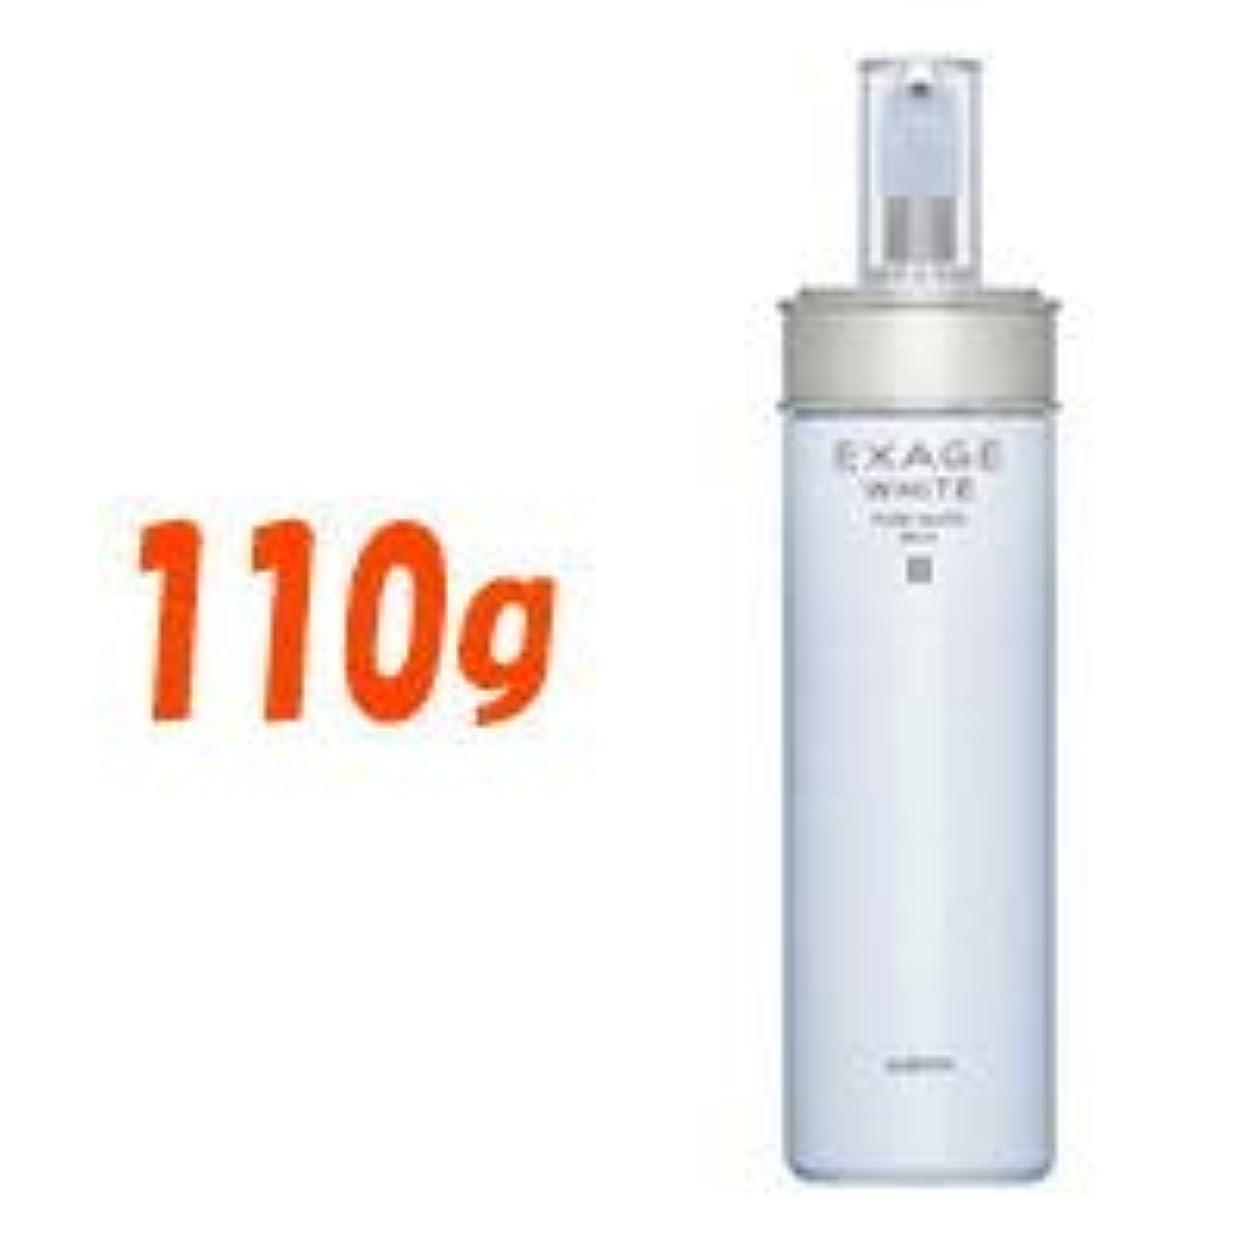 アルビオン エクサージュ ホワイトピュアホワイトミルク(2) 110g